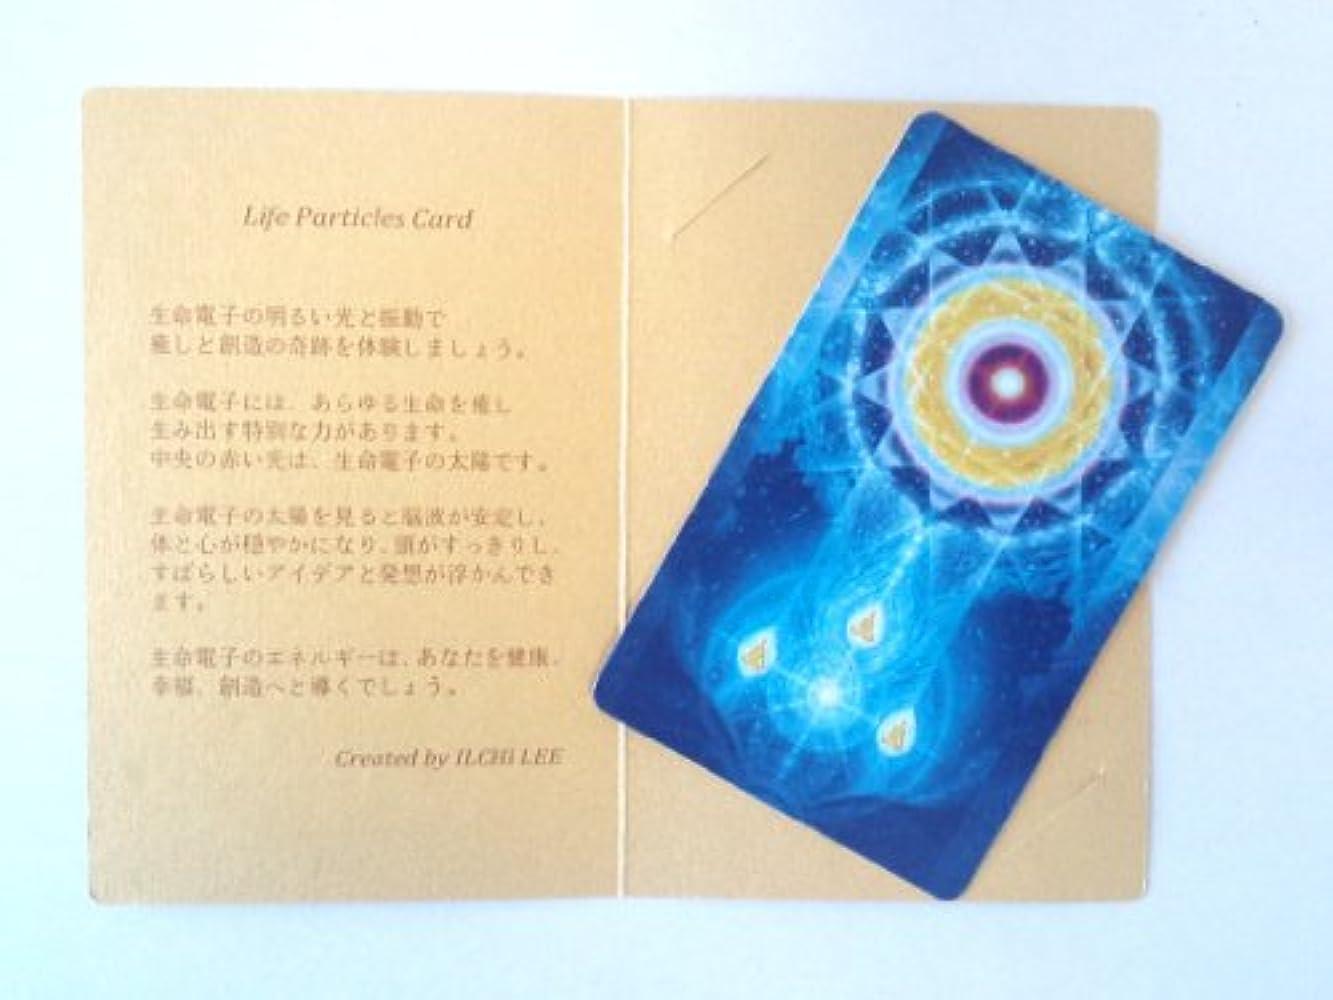 ジェーンオースティン光沢去る生命電子カード